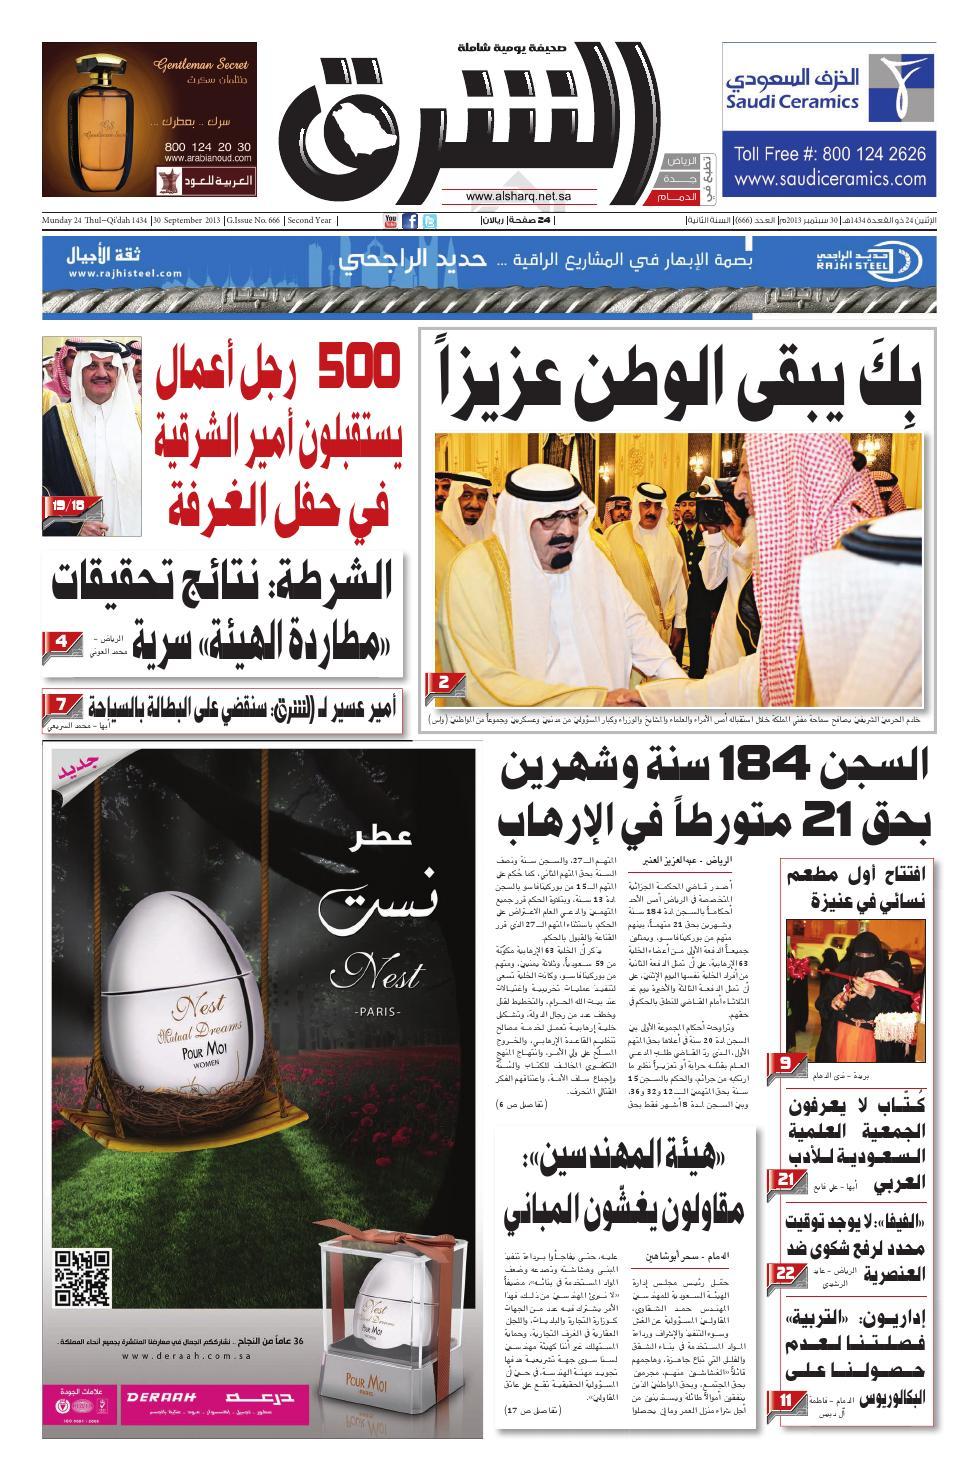 1269efef7 صحيفة الشرق - العدد 666 - نسخة الدمام by صحيفة الشرق السعودية - issuu